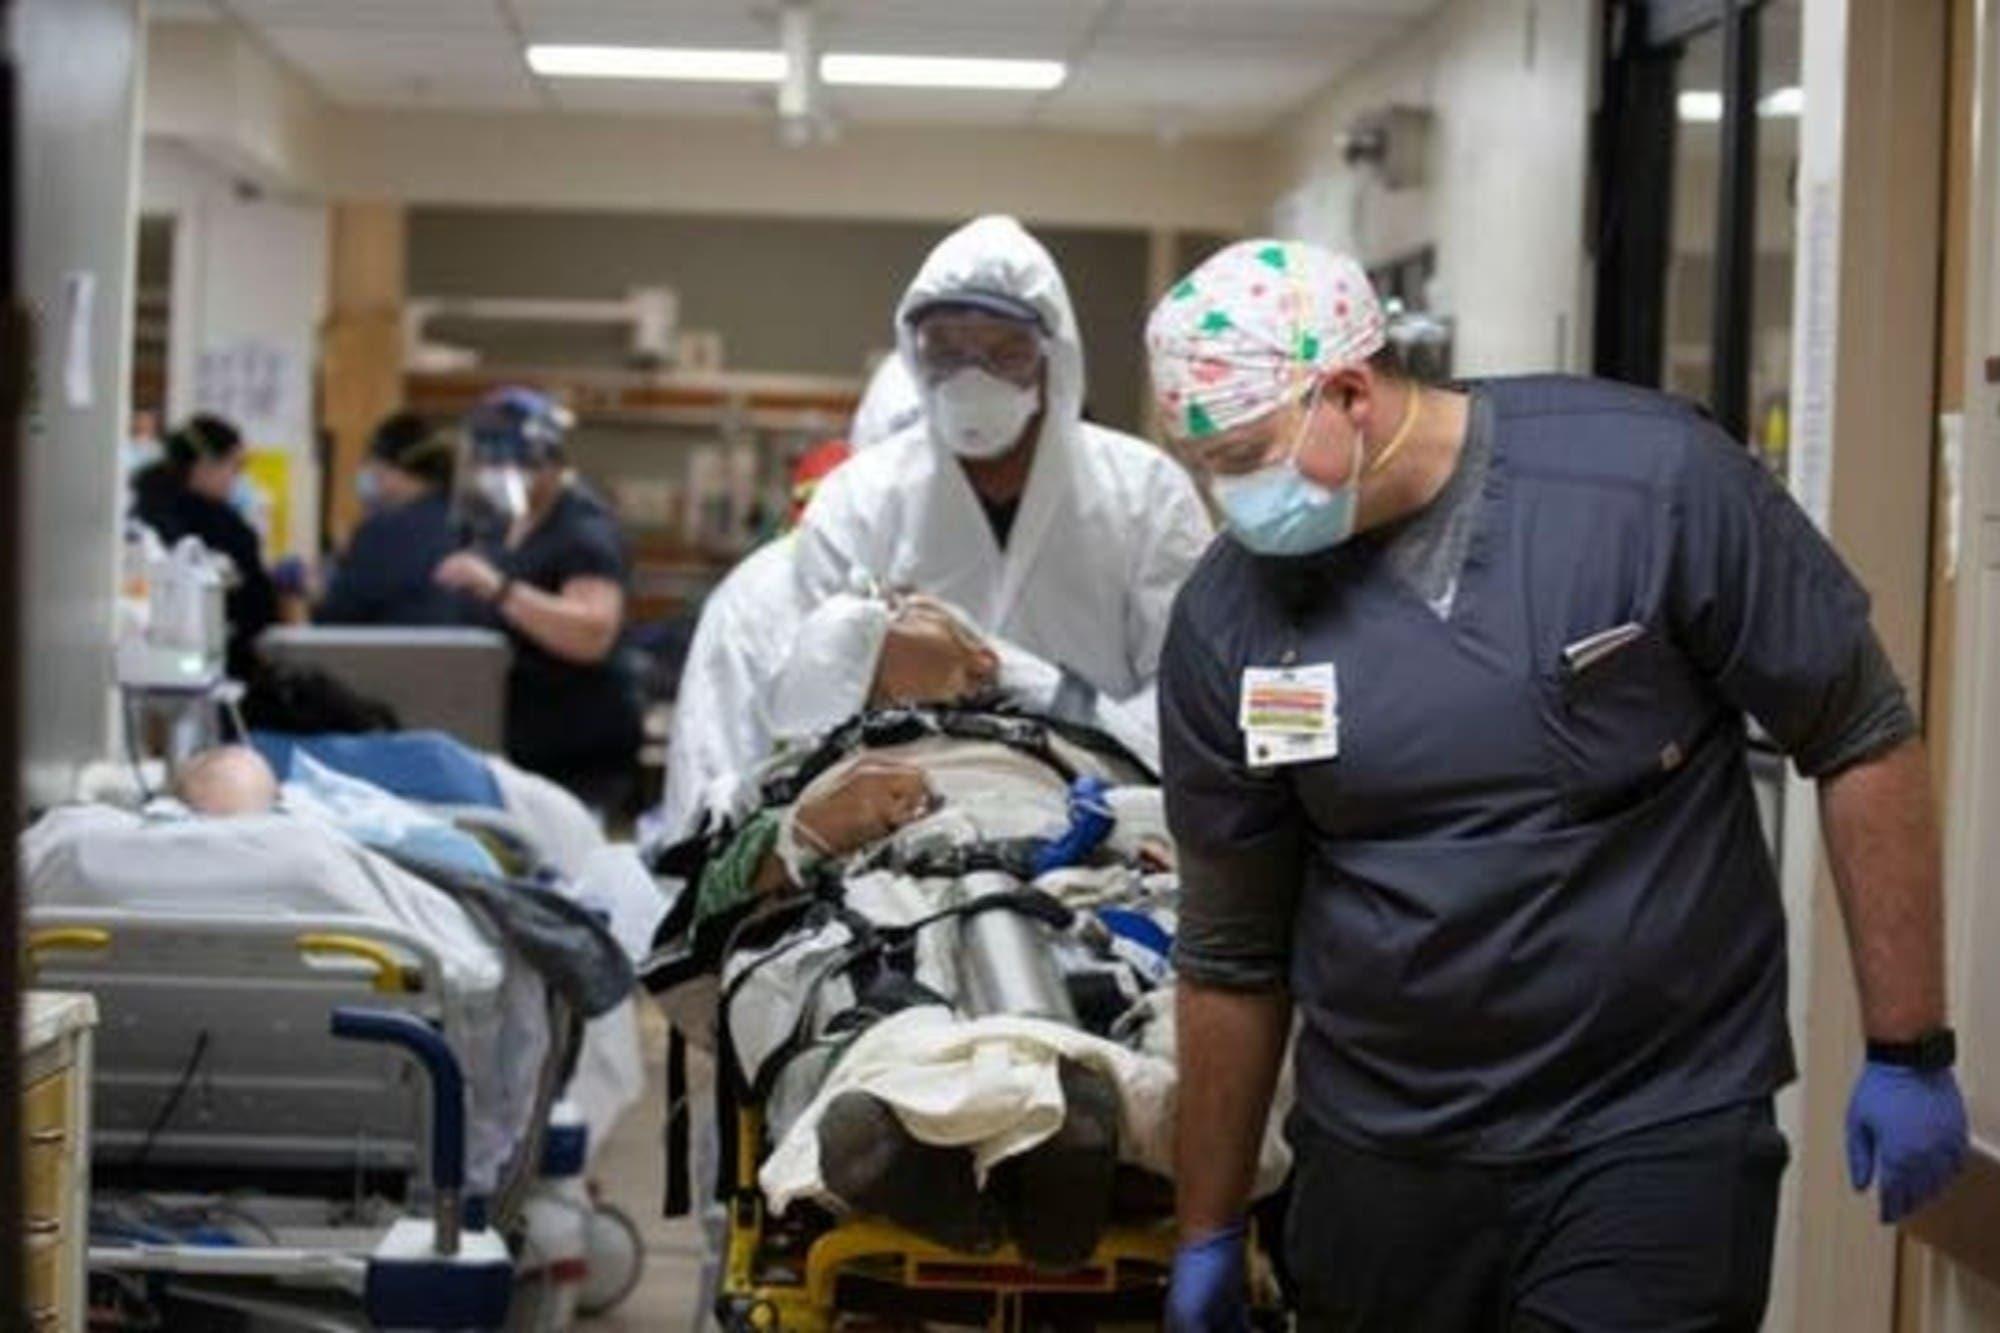 Dióxido de cloro: qué dijo el abogado del paciente que murió y cuáles son las hipótesis principales